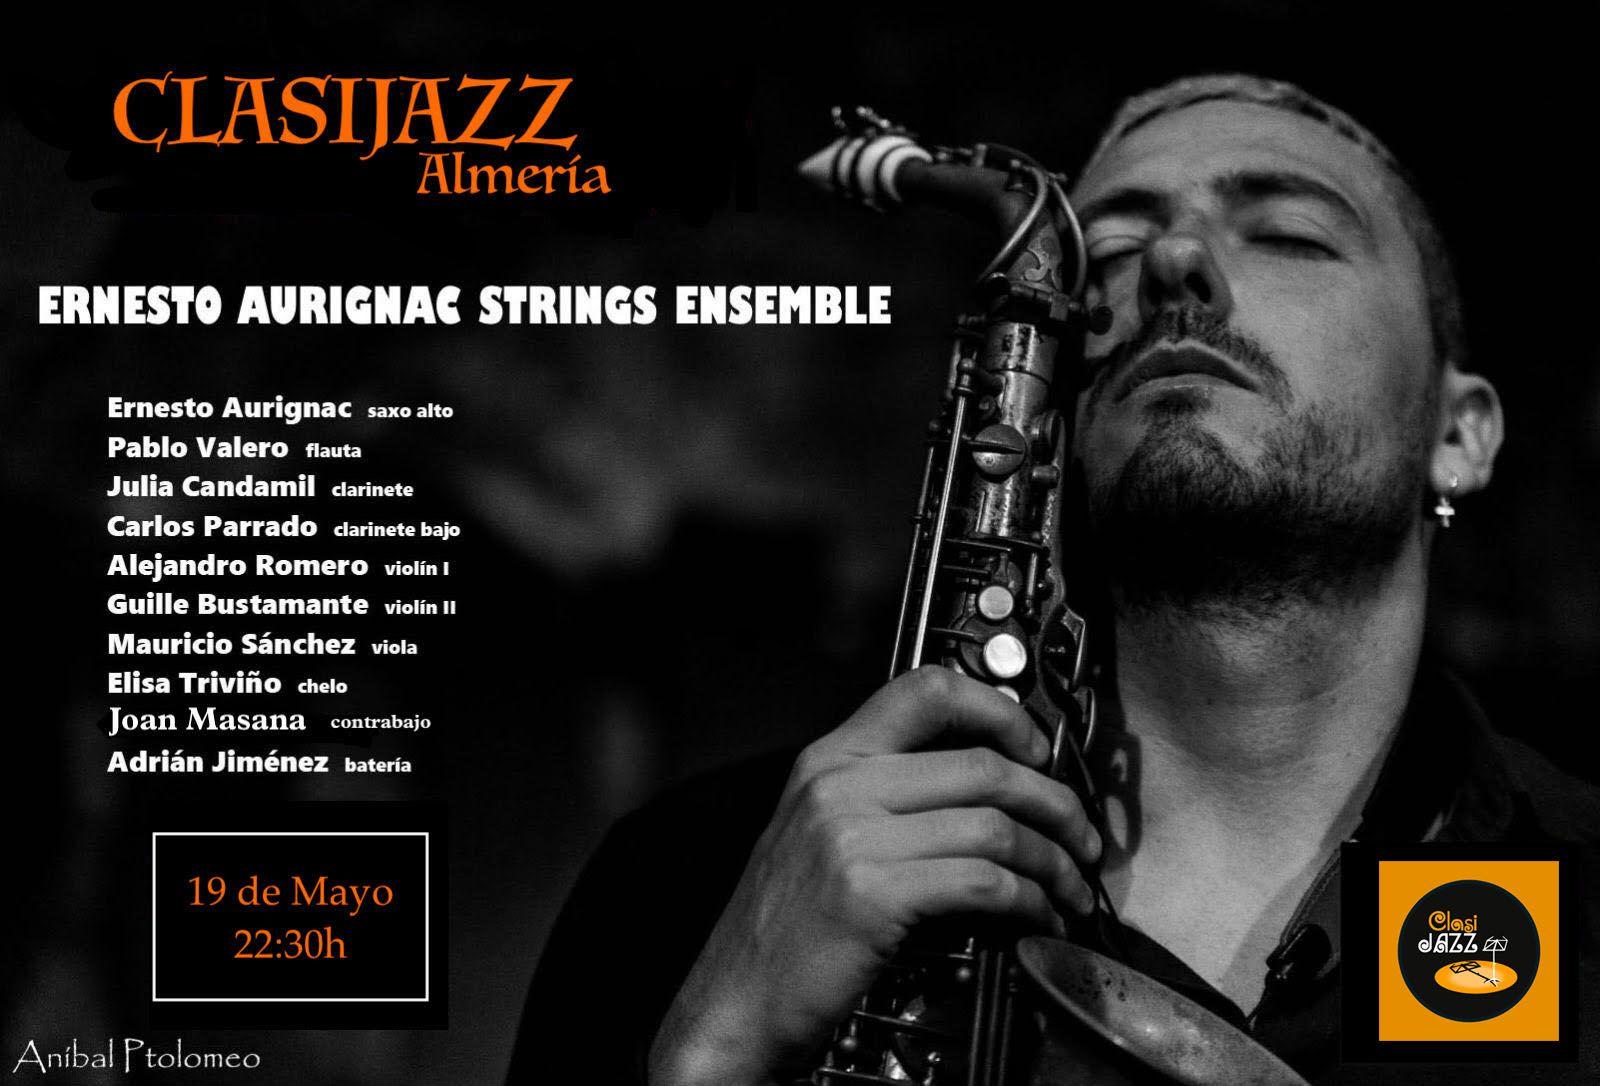 Ernesto Aurignac Strings Ensemble. Ernesto's Dreams